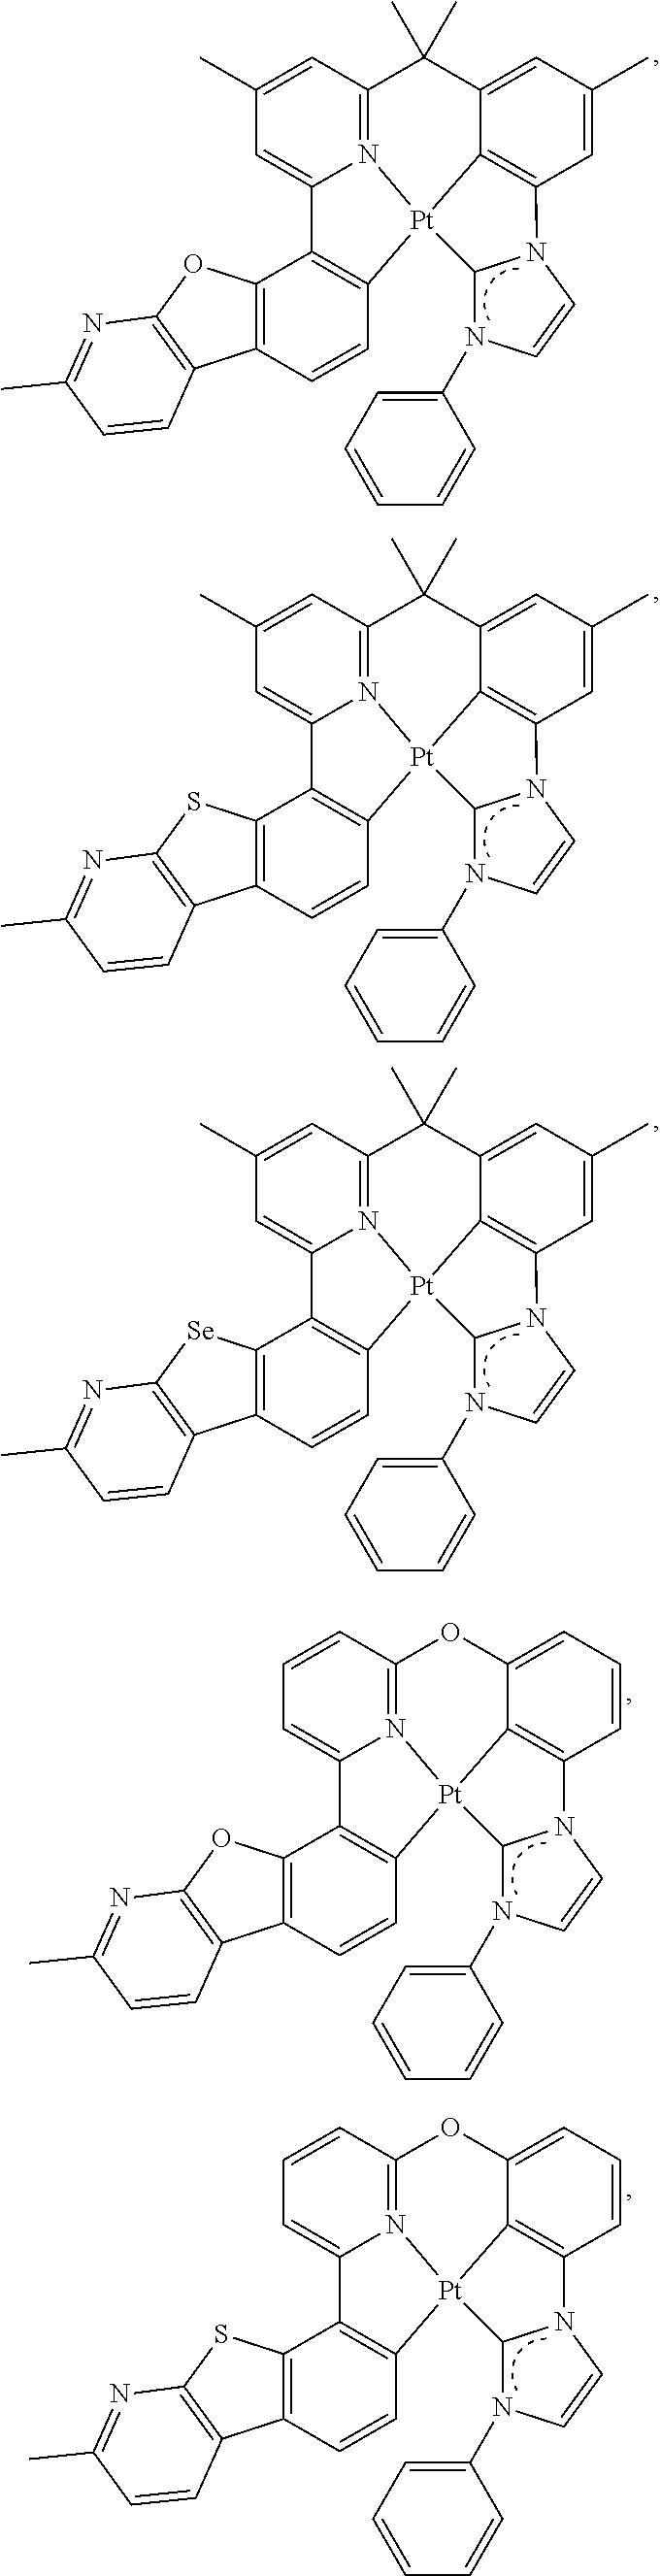 Figure US09871214-20180116-C00046